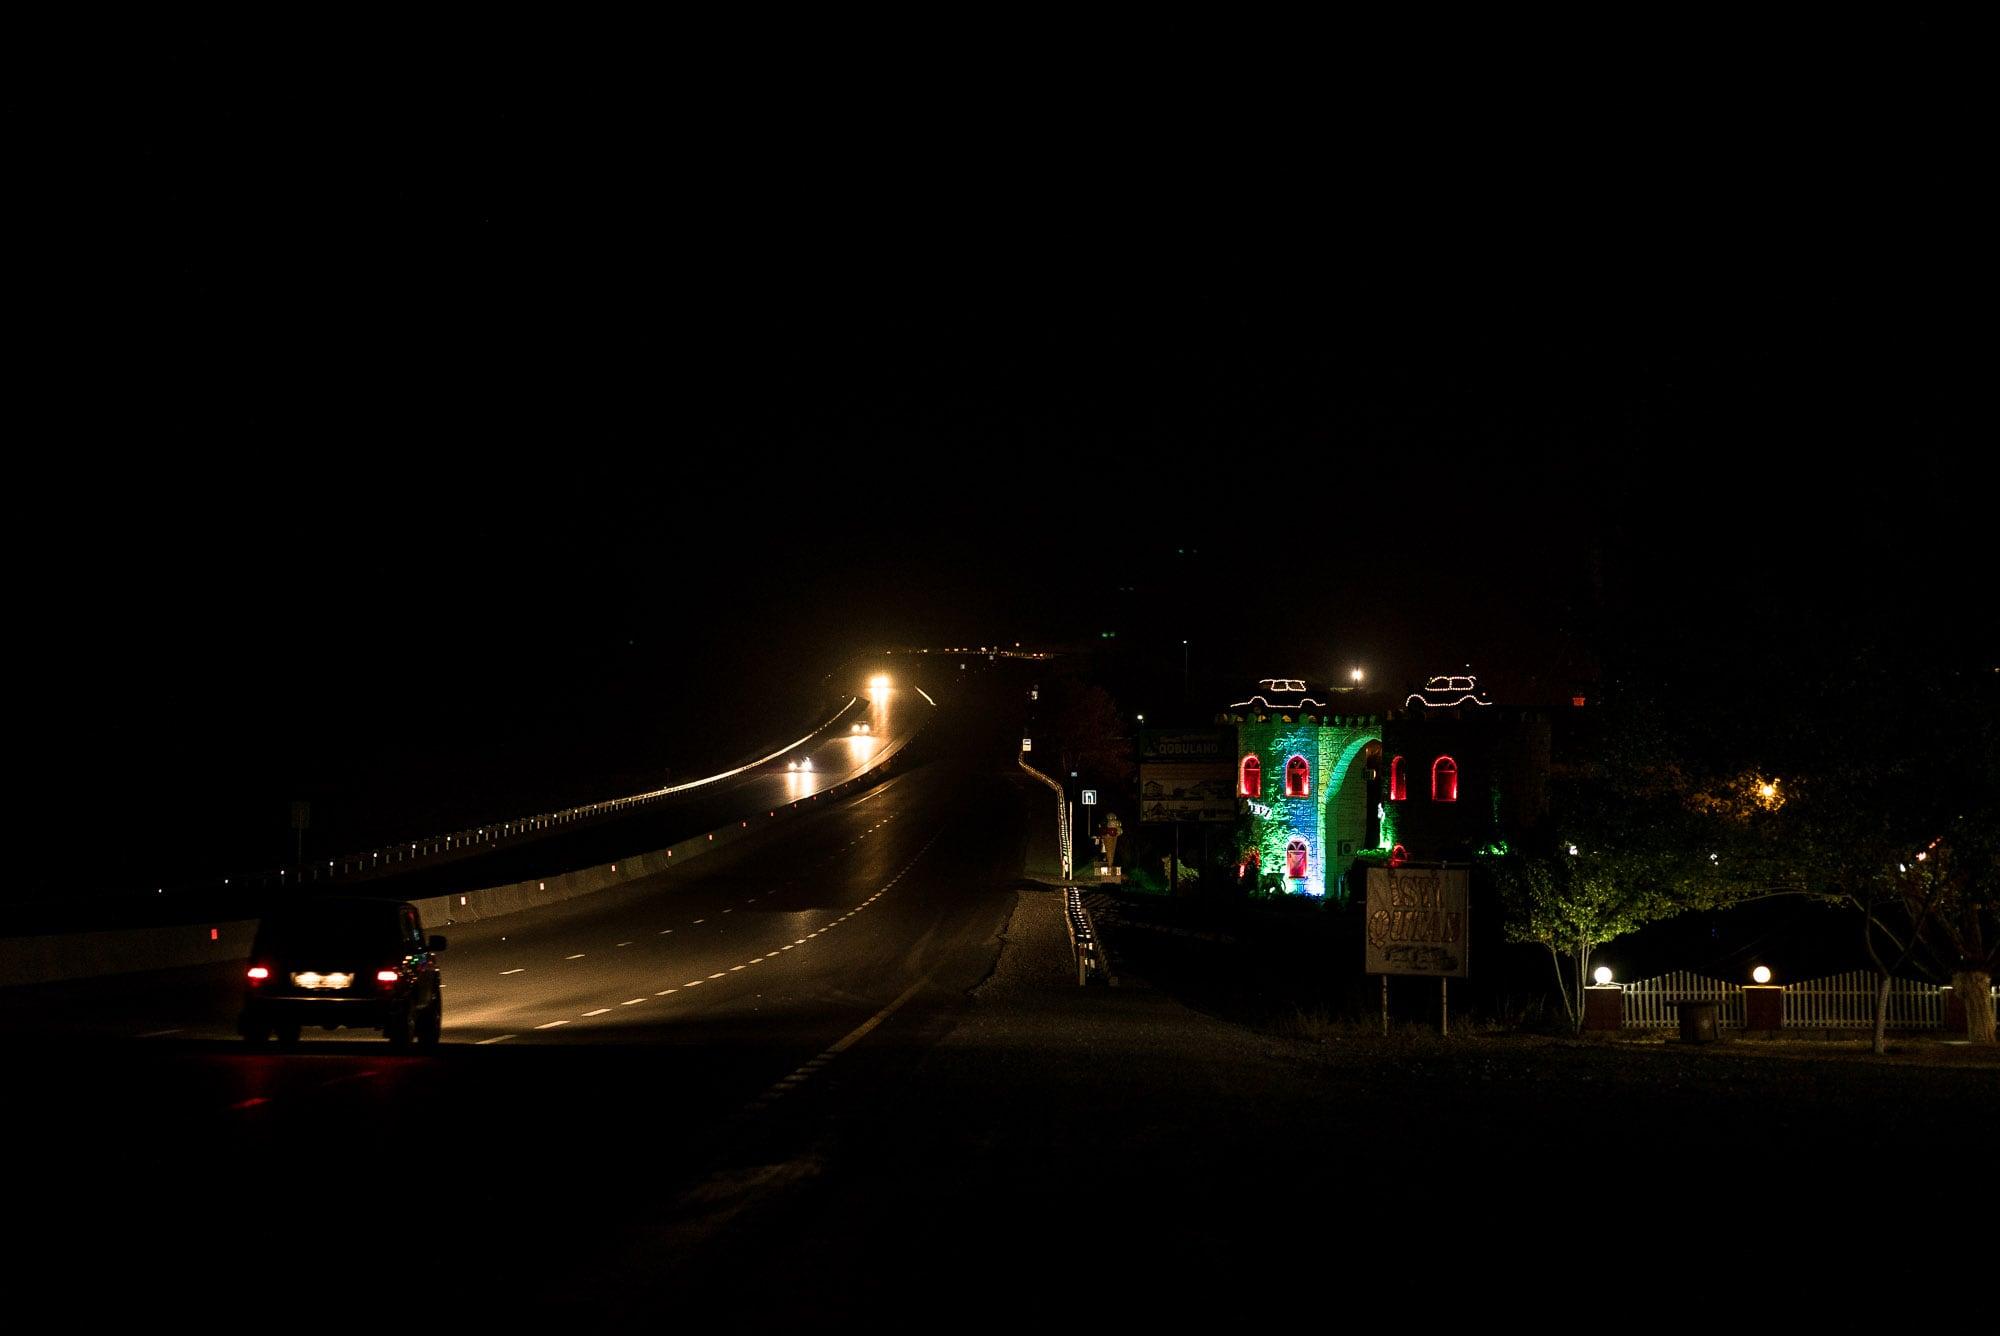 Qobuland at night